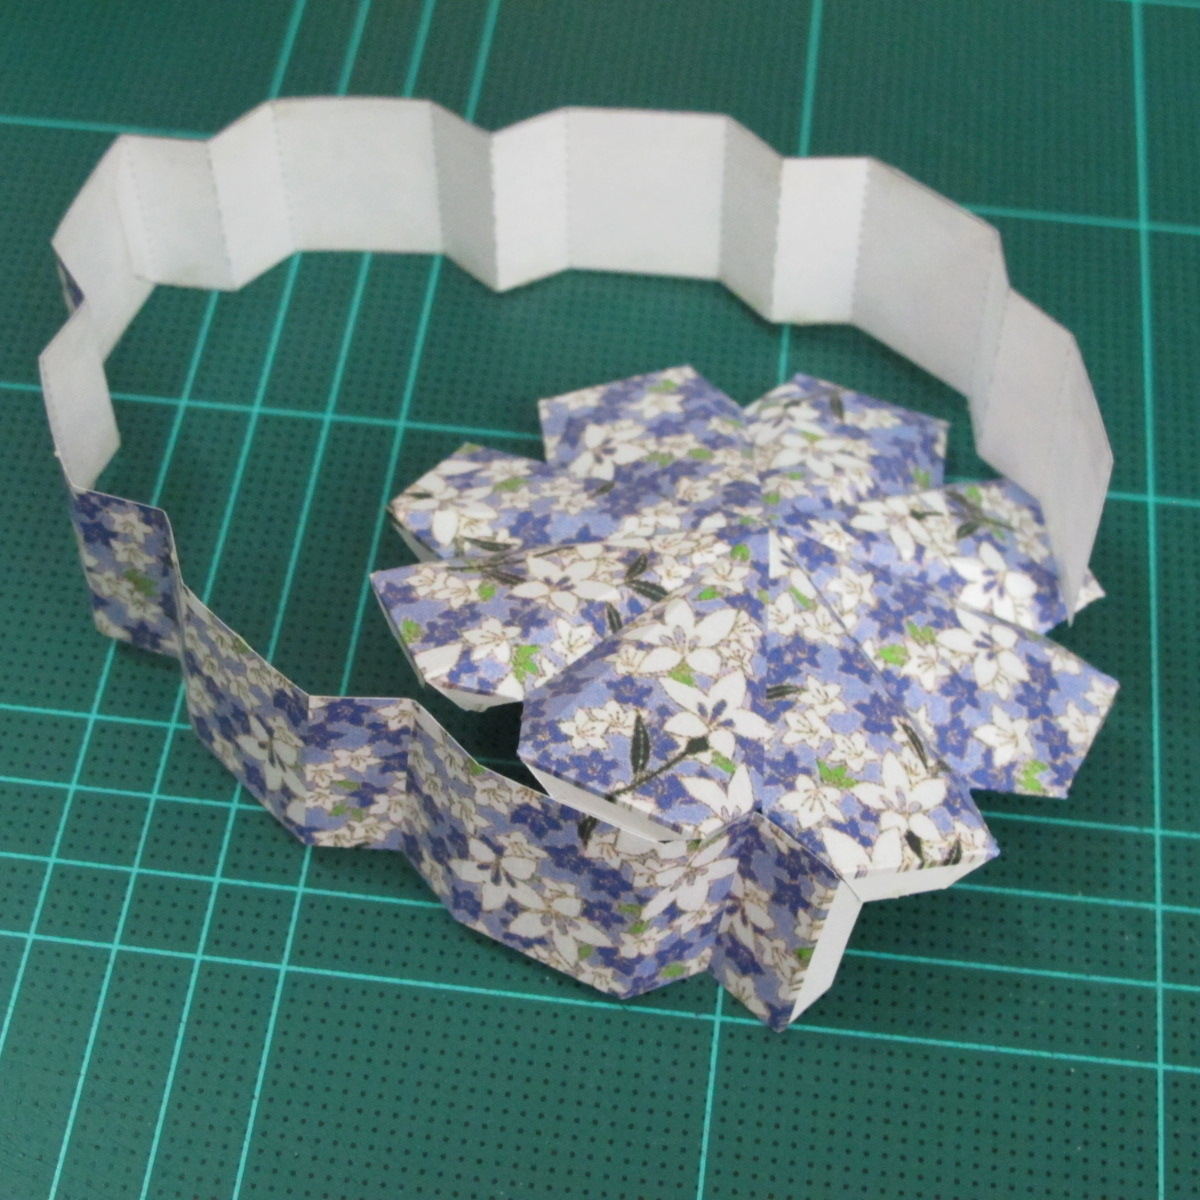 วิธีทำโมเดลกระดาษสำหรับตกแต่งทรงเรขาคณิต (Decor Geometry Papercraft Model) 007